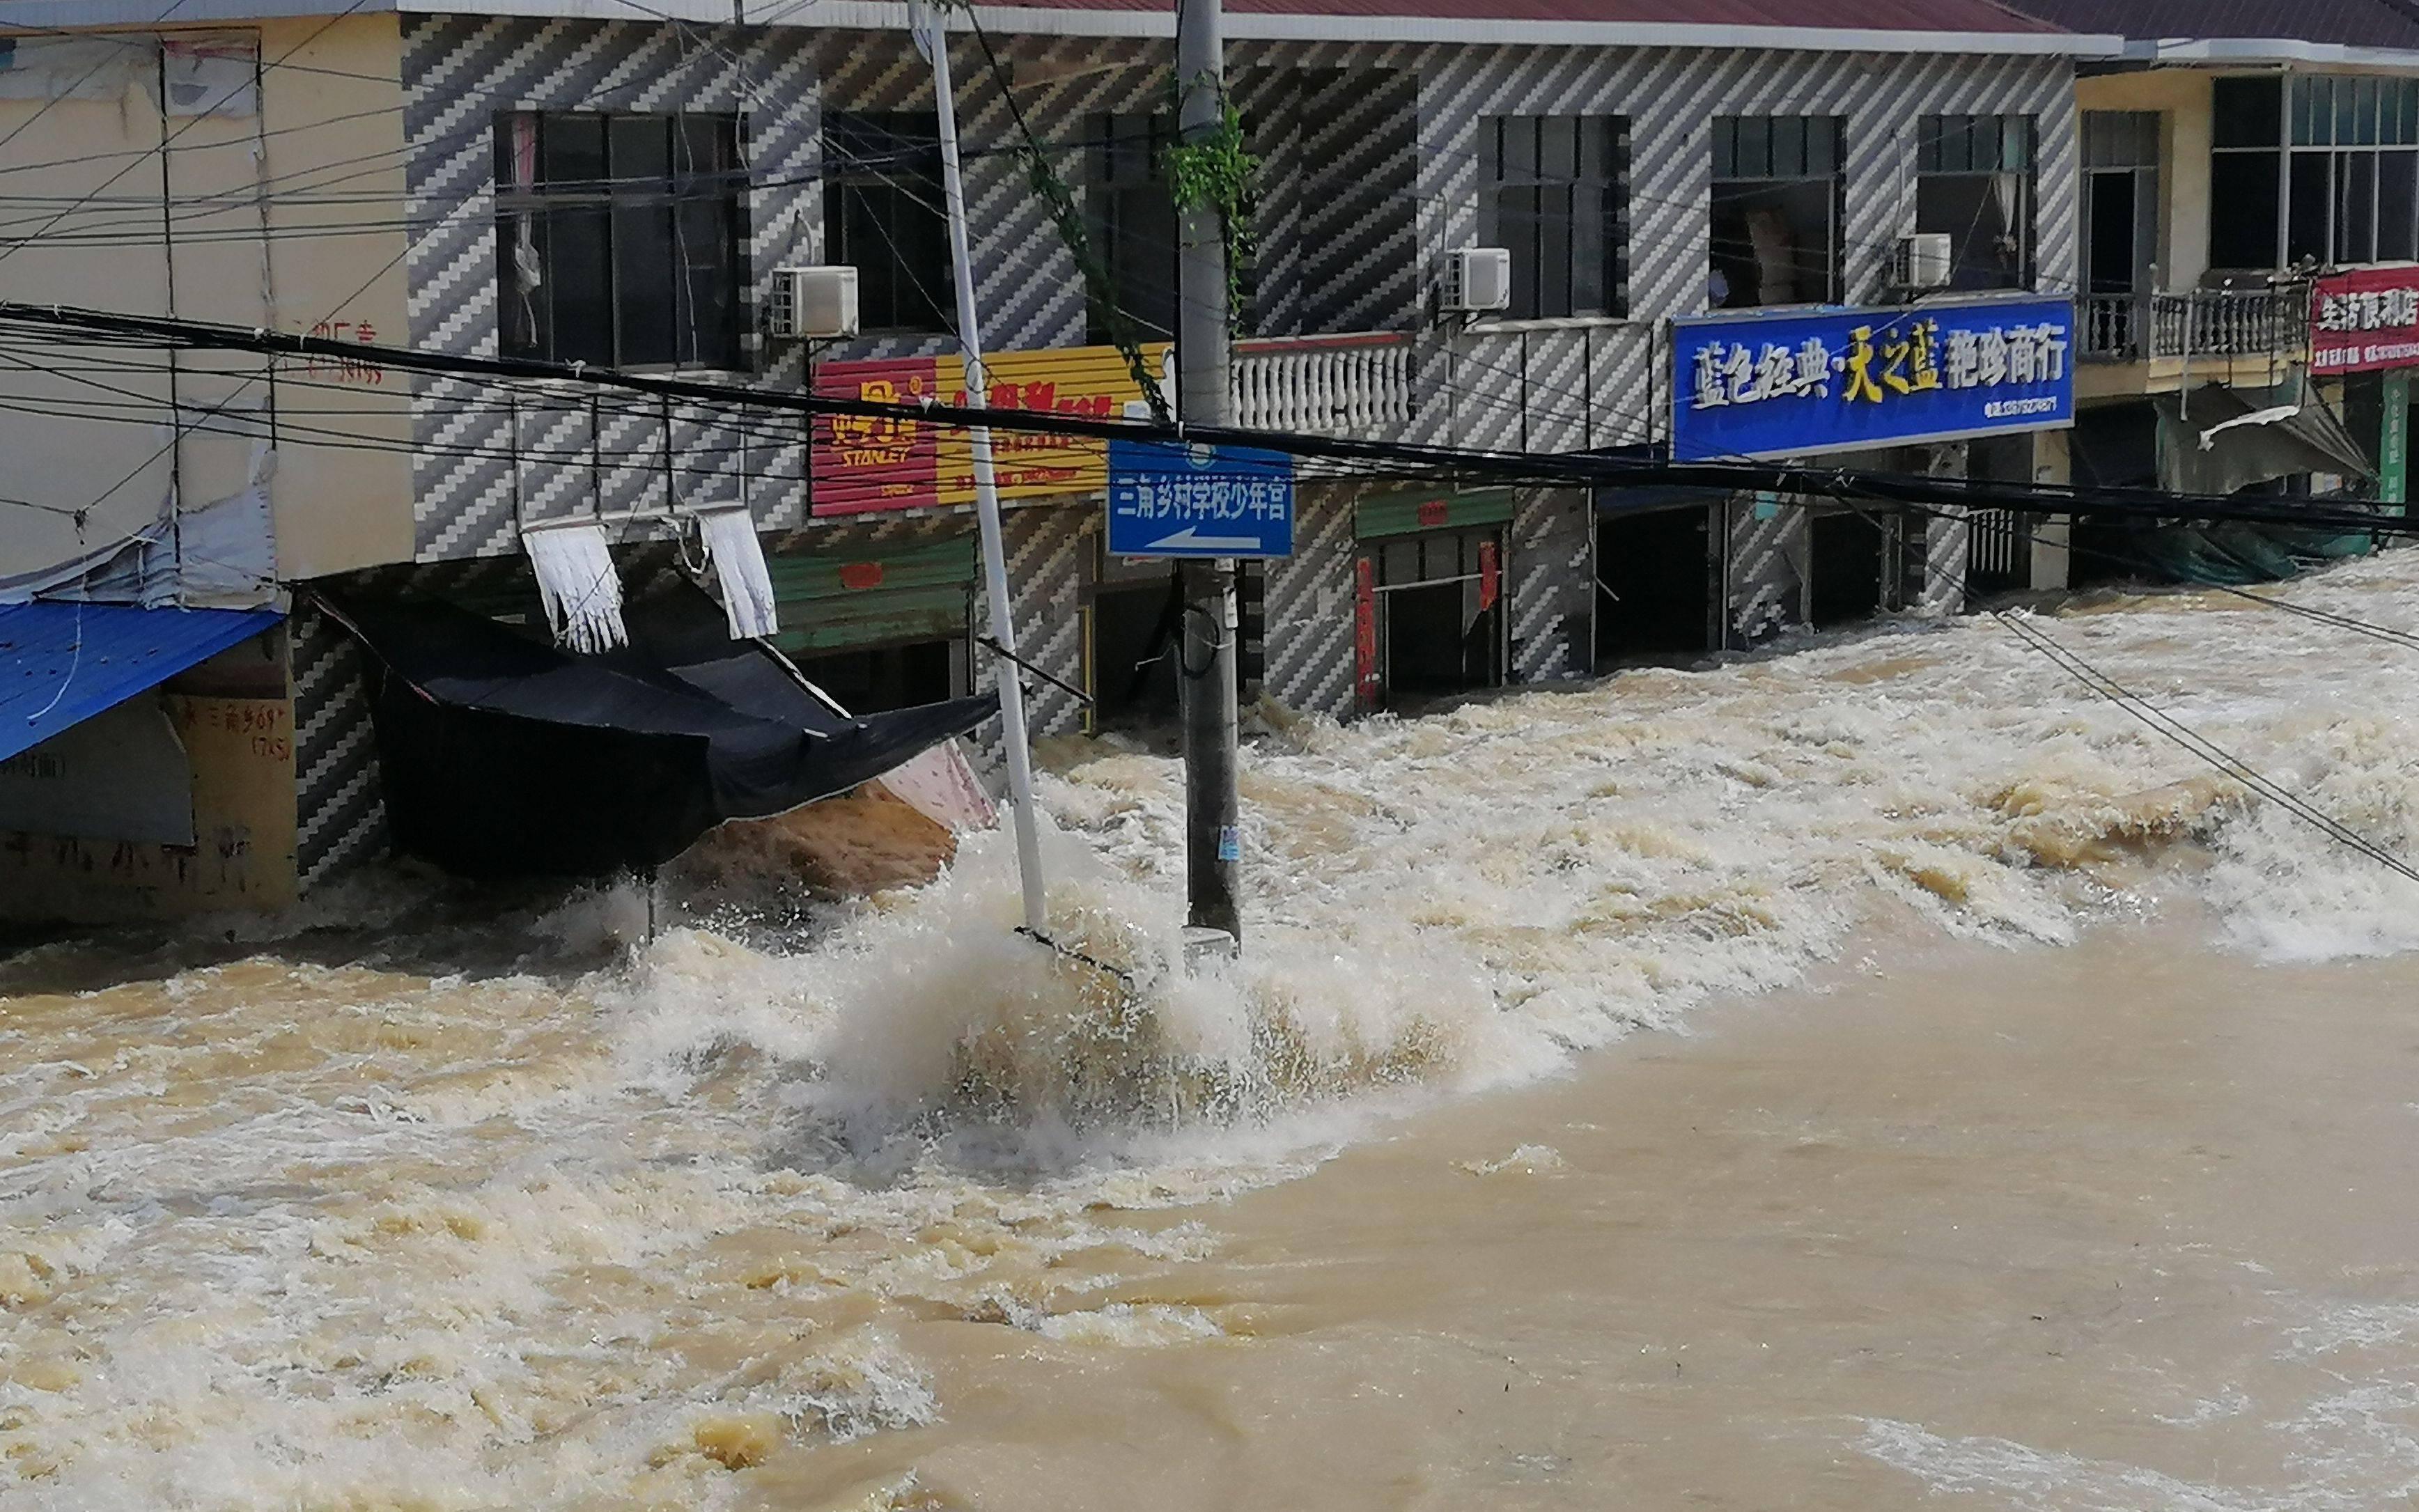 江西抗洪救援队:三年前洪灾也曾被救援,想要回报他人